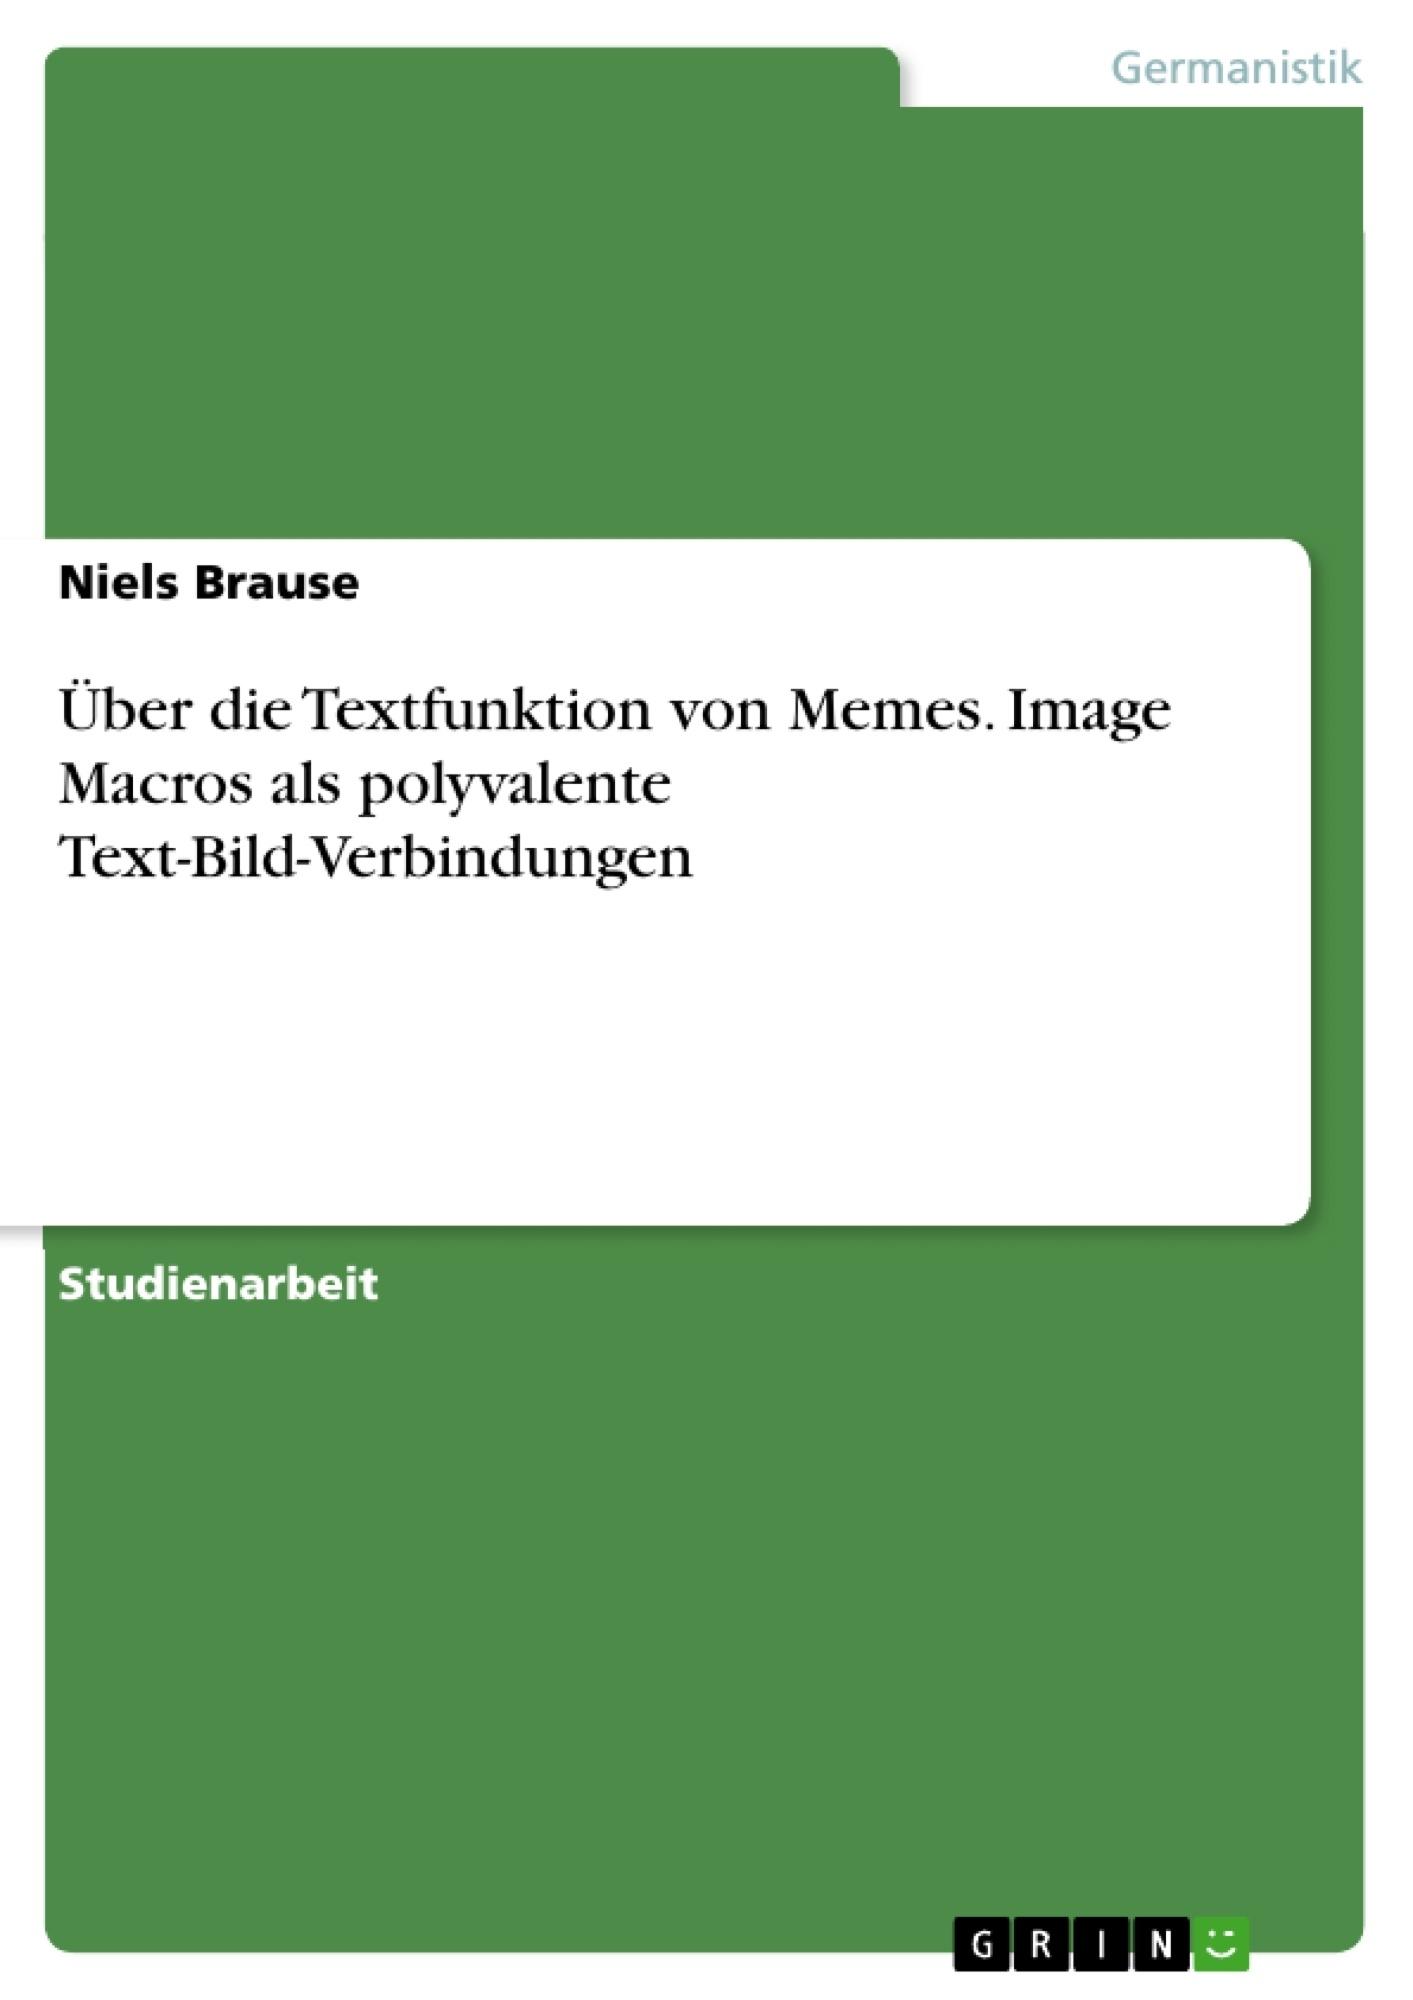 Titel: Über die Textfunktion von Memes. Image Macros als polyvalente Text-Bild-Verbindungen